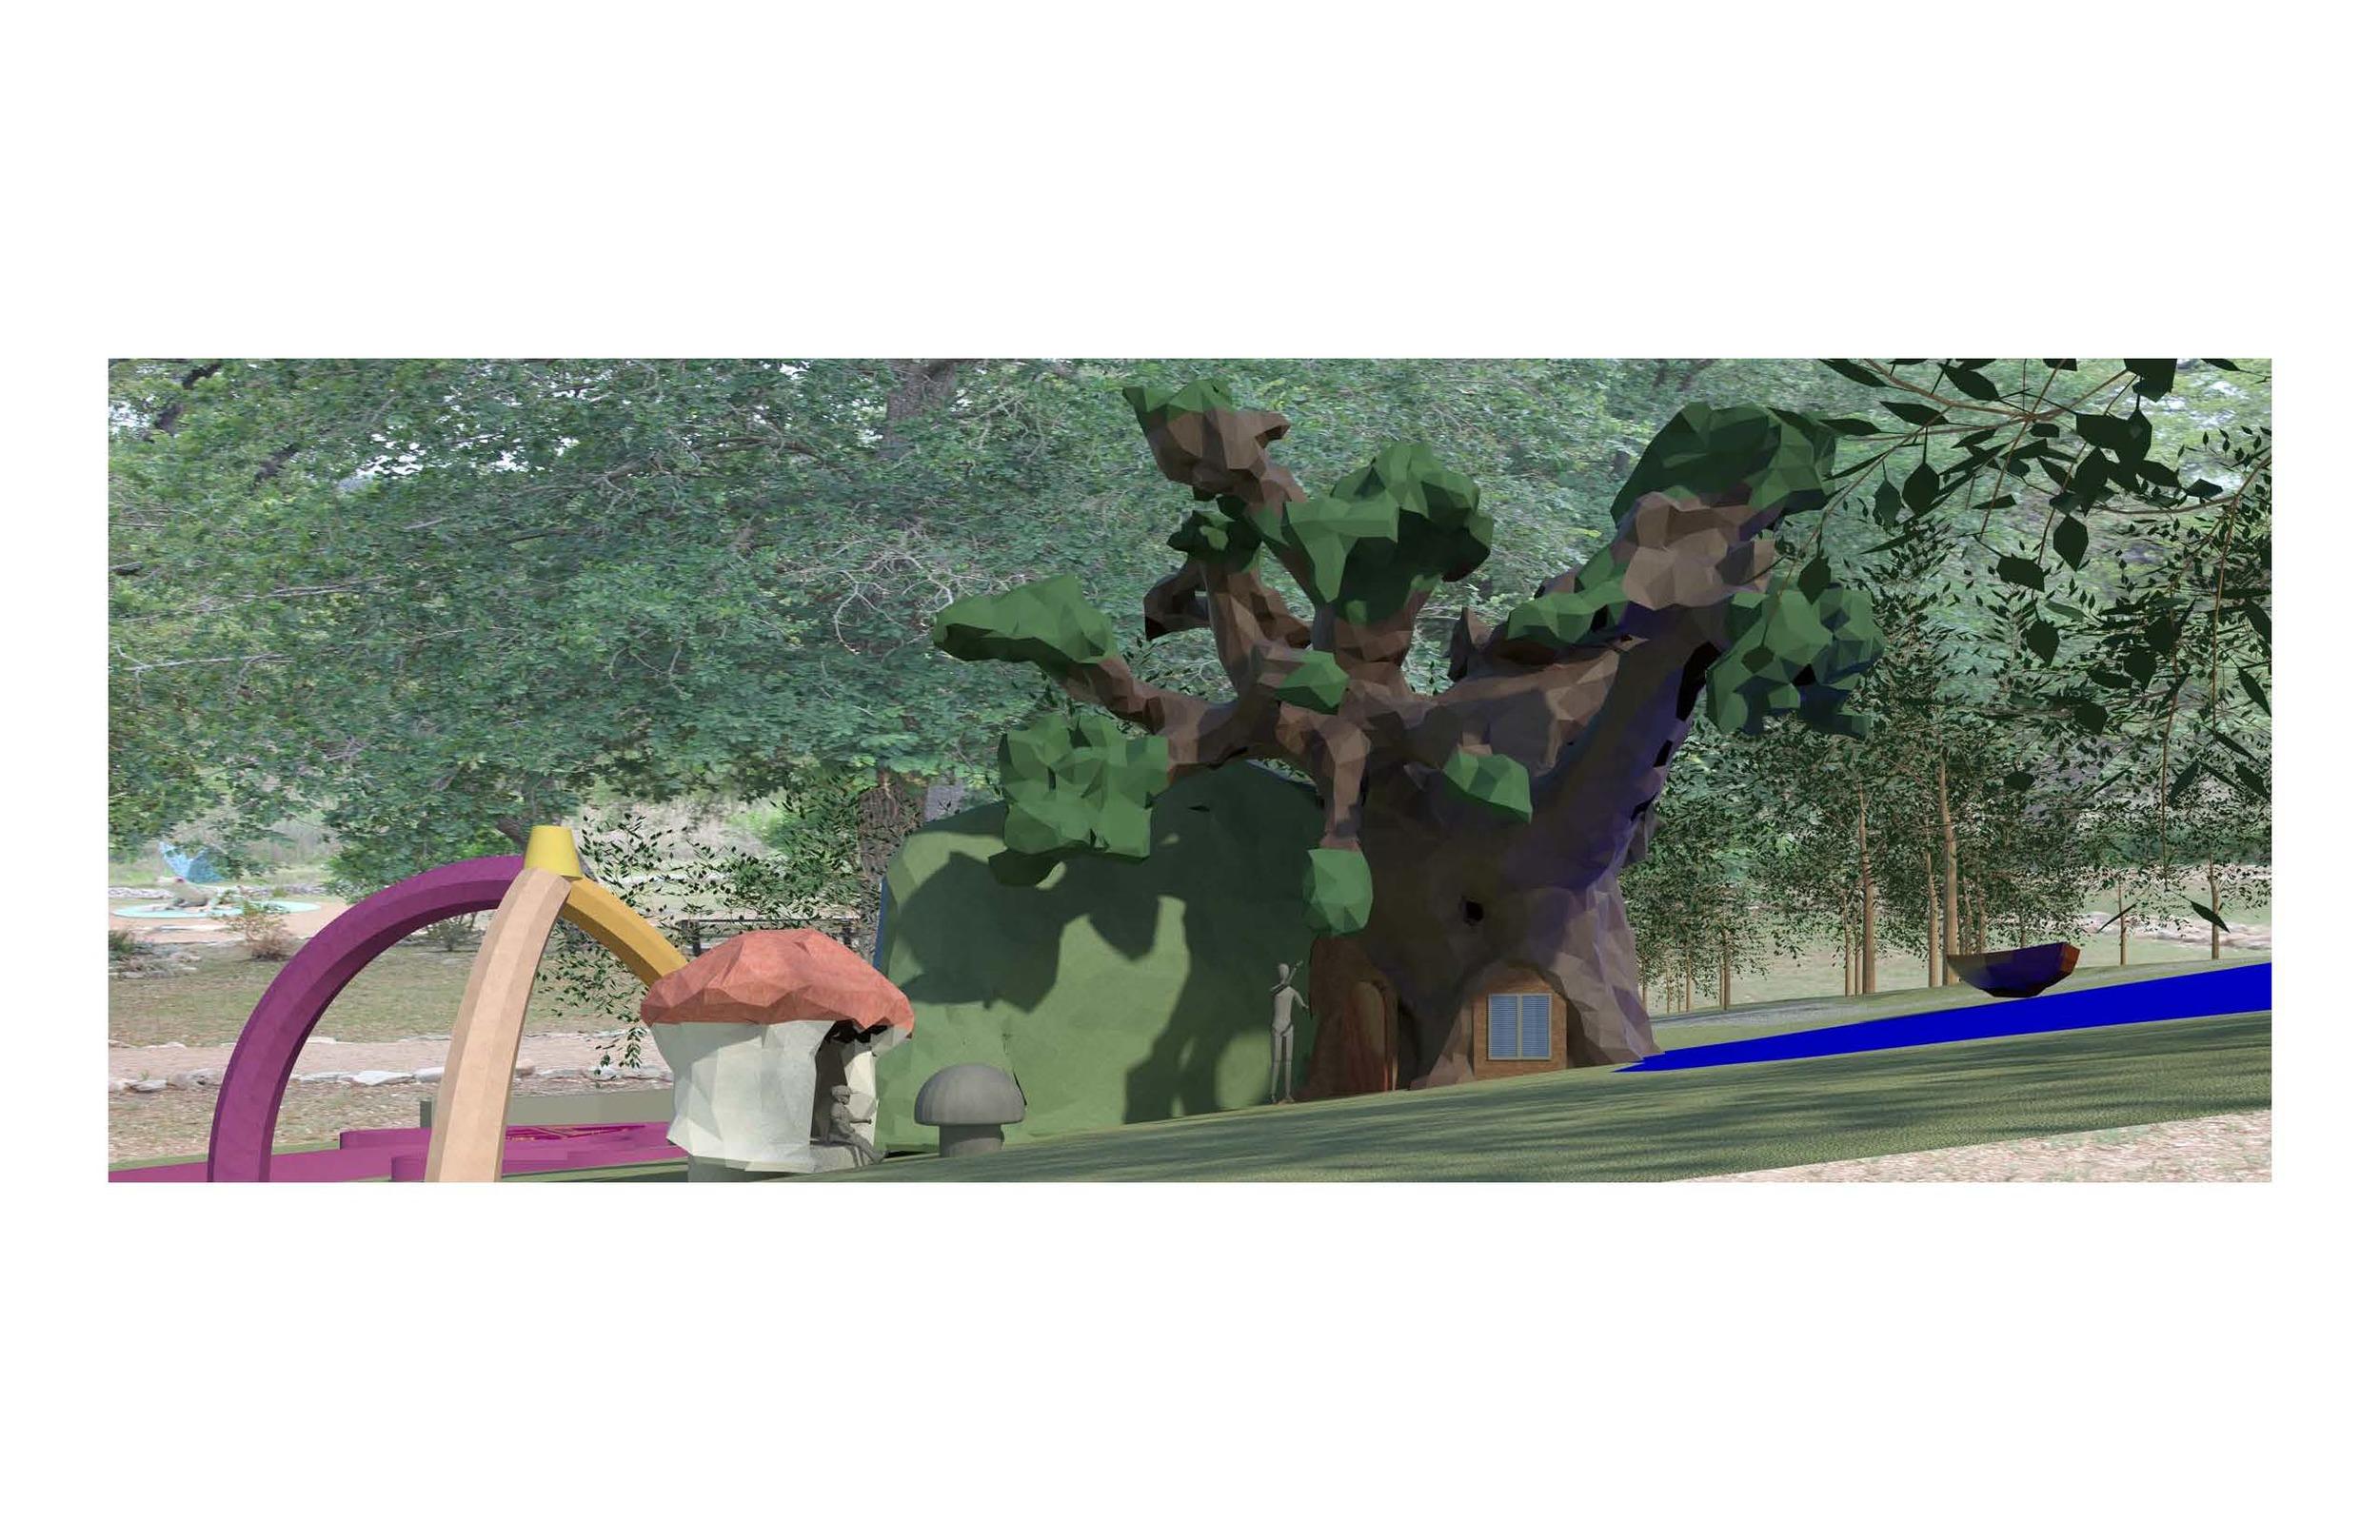 playarium_rendering_mushroom_side.jpg